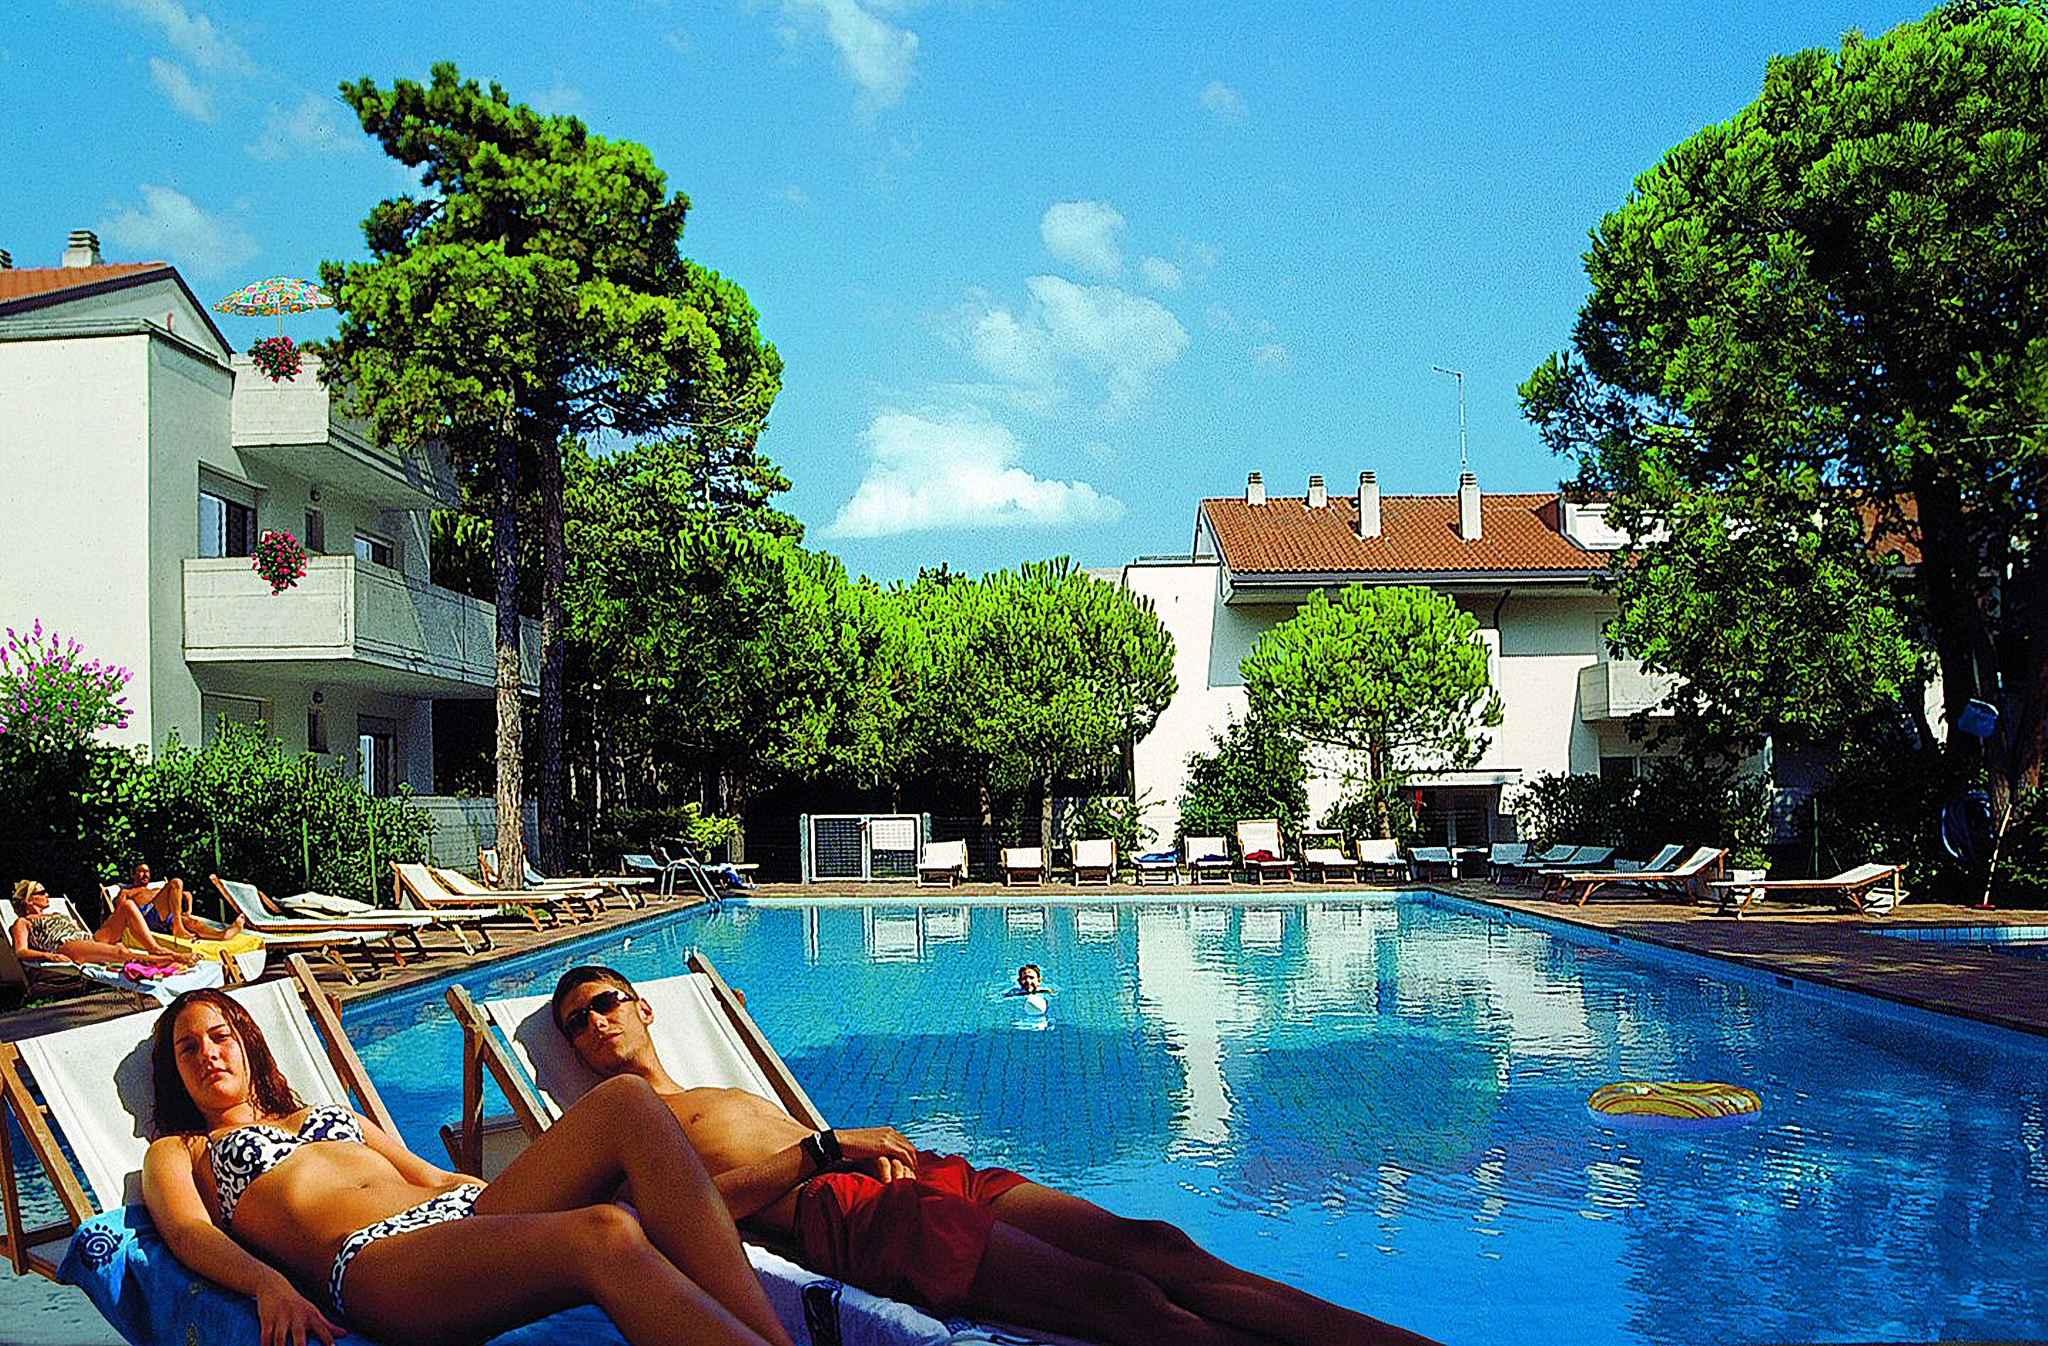 Ferienwohnung mit Pool (279395), Lignano Sabbiadoro, Adriaküste (Friaul-Julisch Venetien), Friaul-Julisch Venetien, Italien, Bild 5